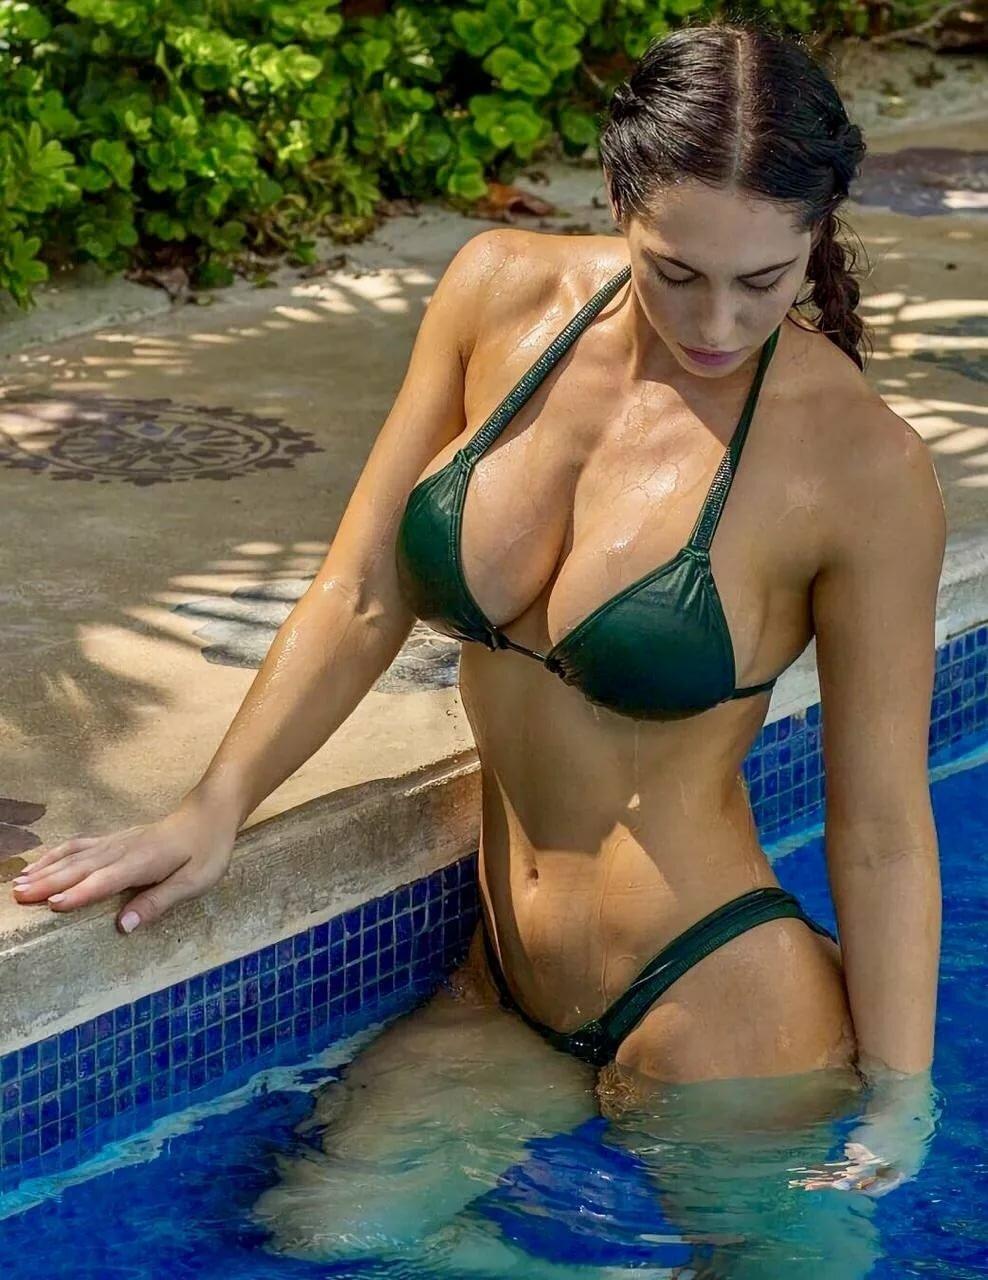 Большая пышная грудь у бассейна